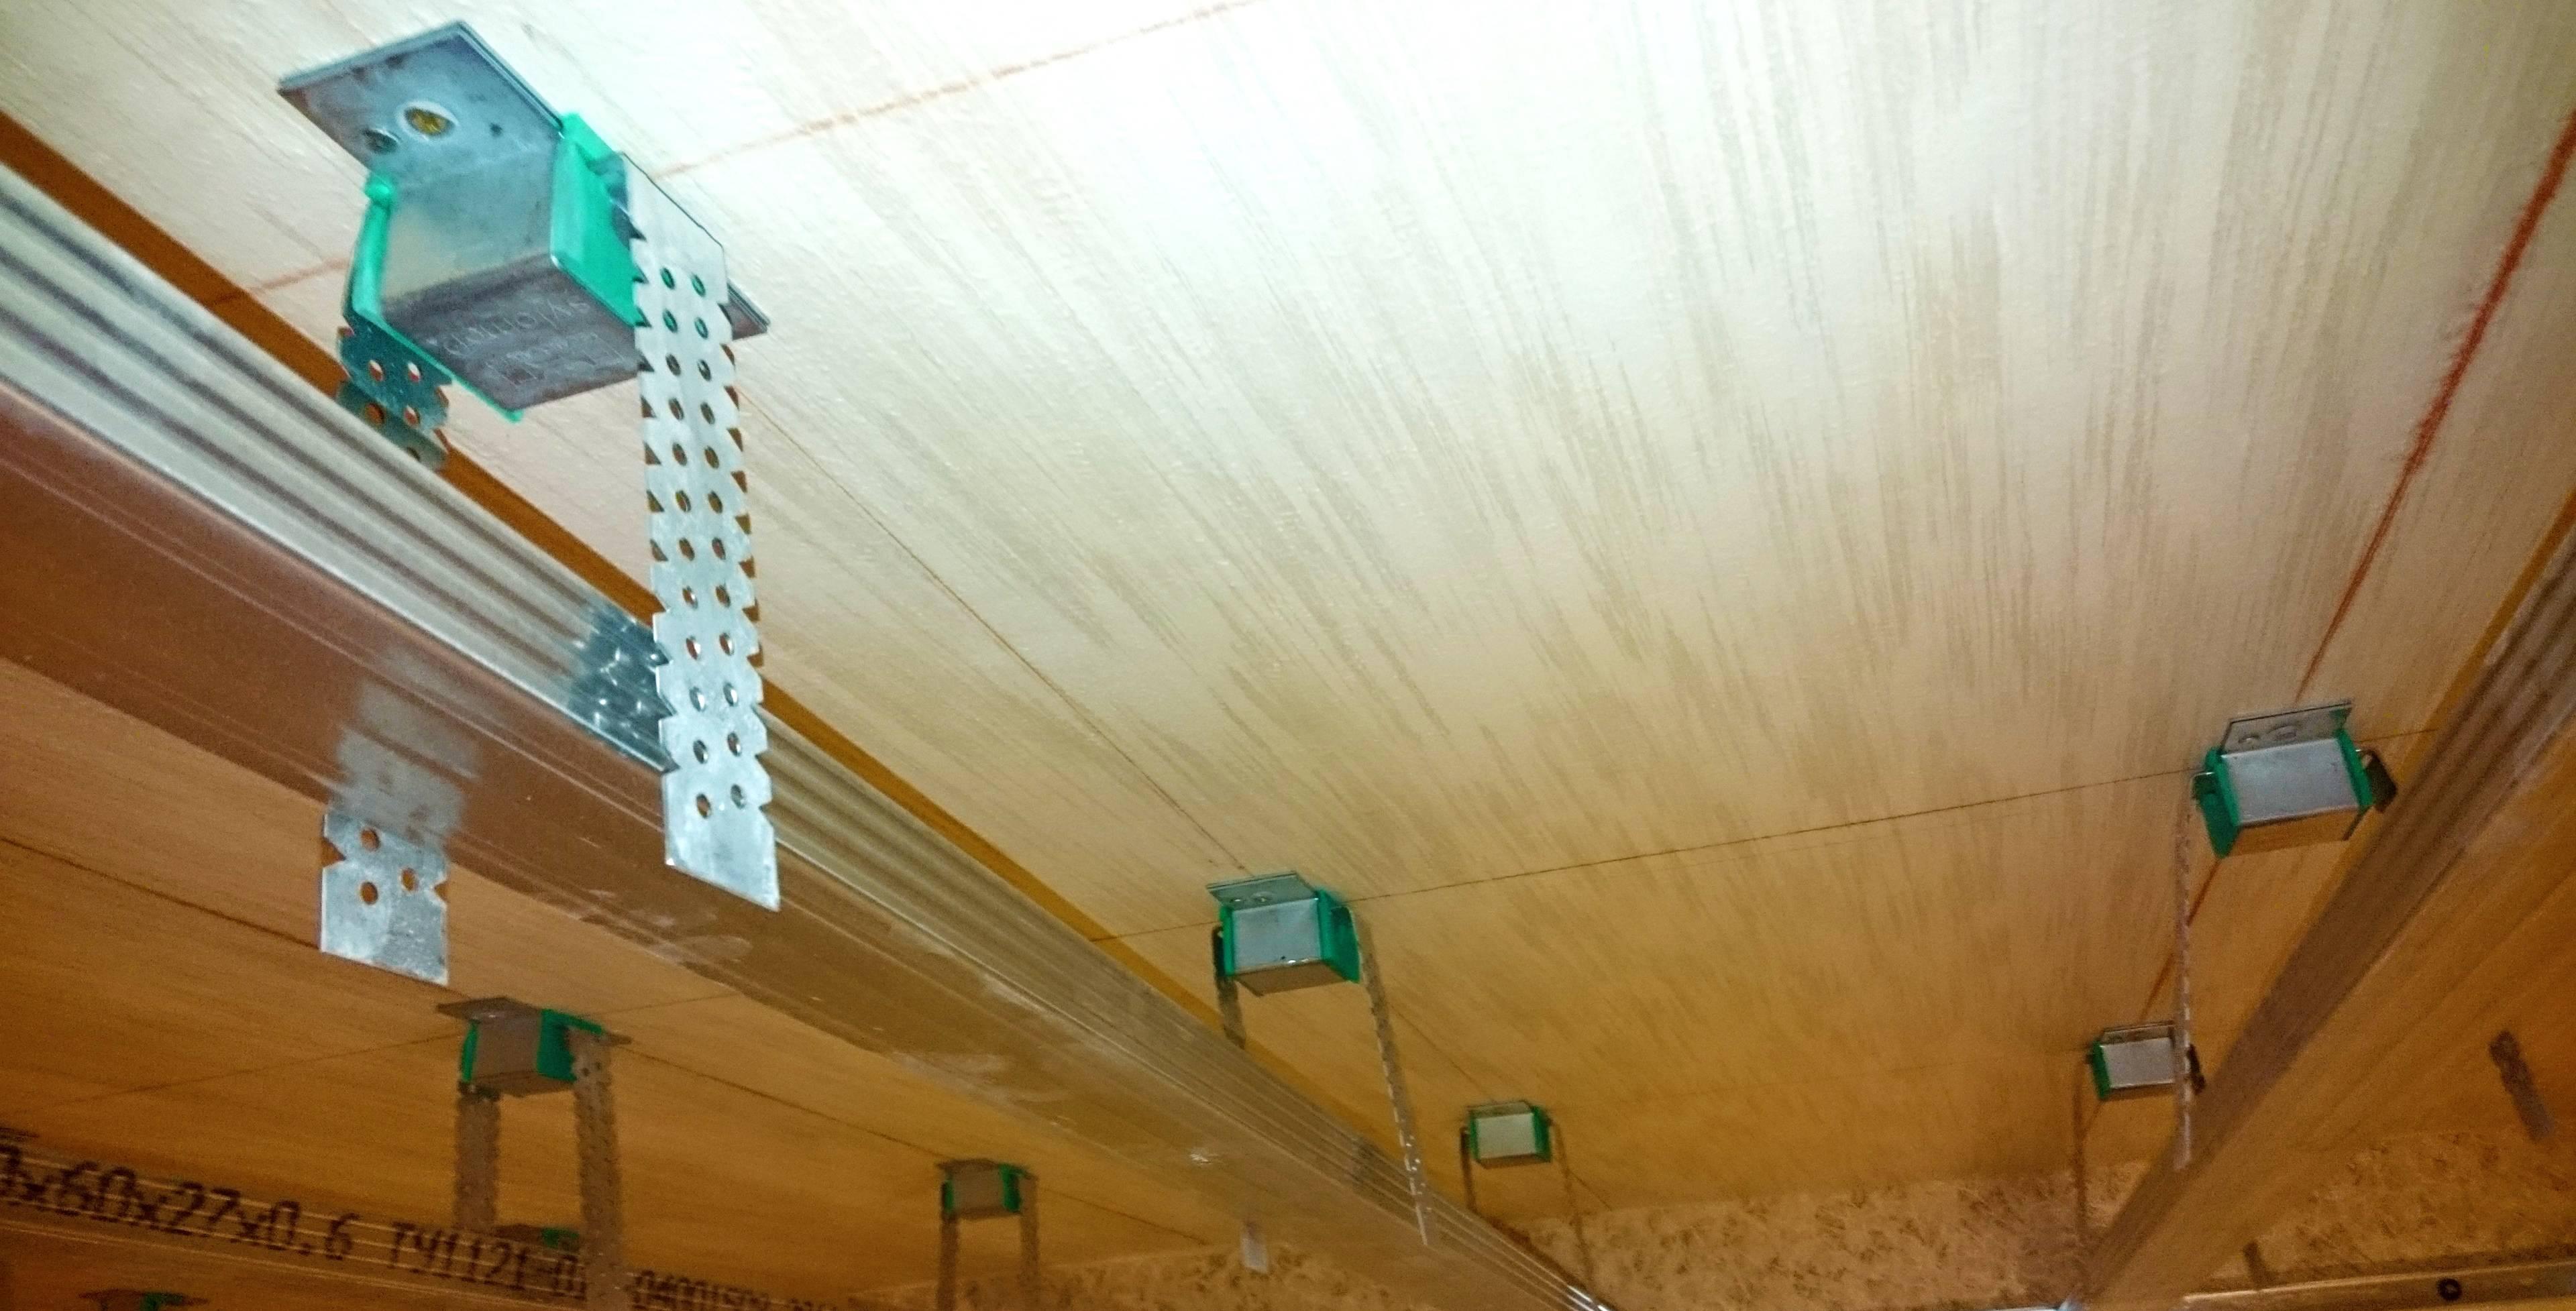 Виброподвесы для гипсокартона: конструкция и применение